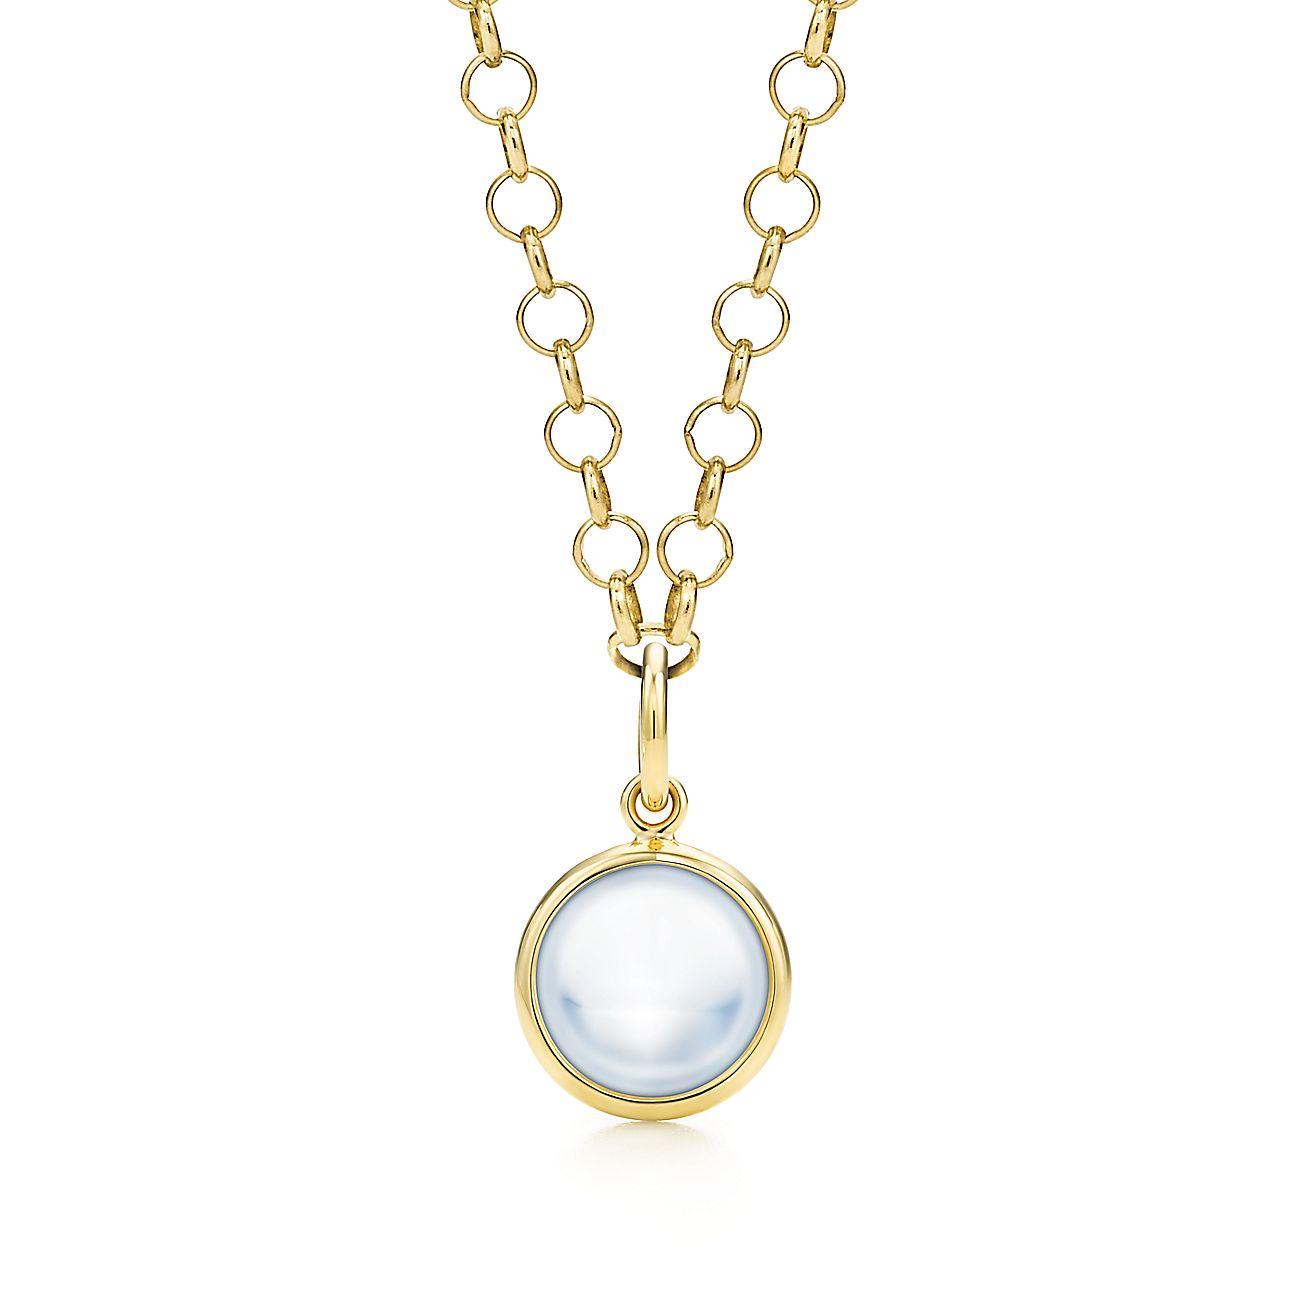 Paloma Picasso®:Milky Quartz Dot Charm and Chain